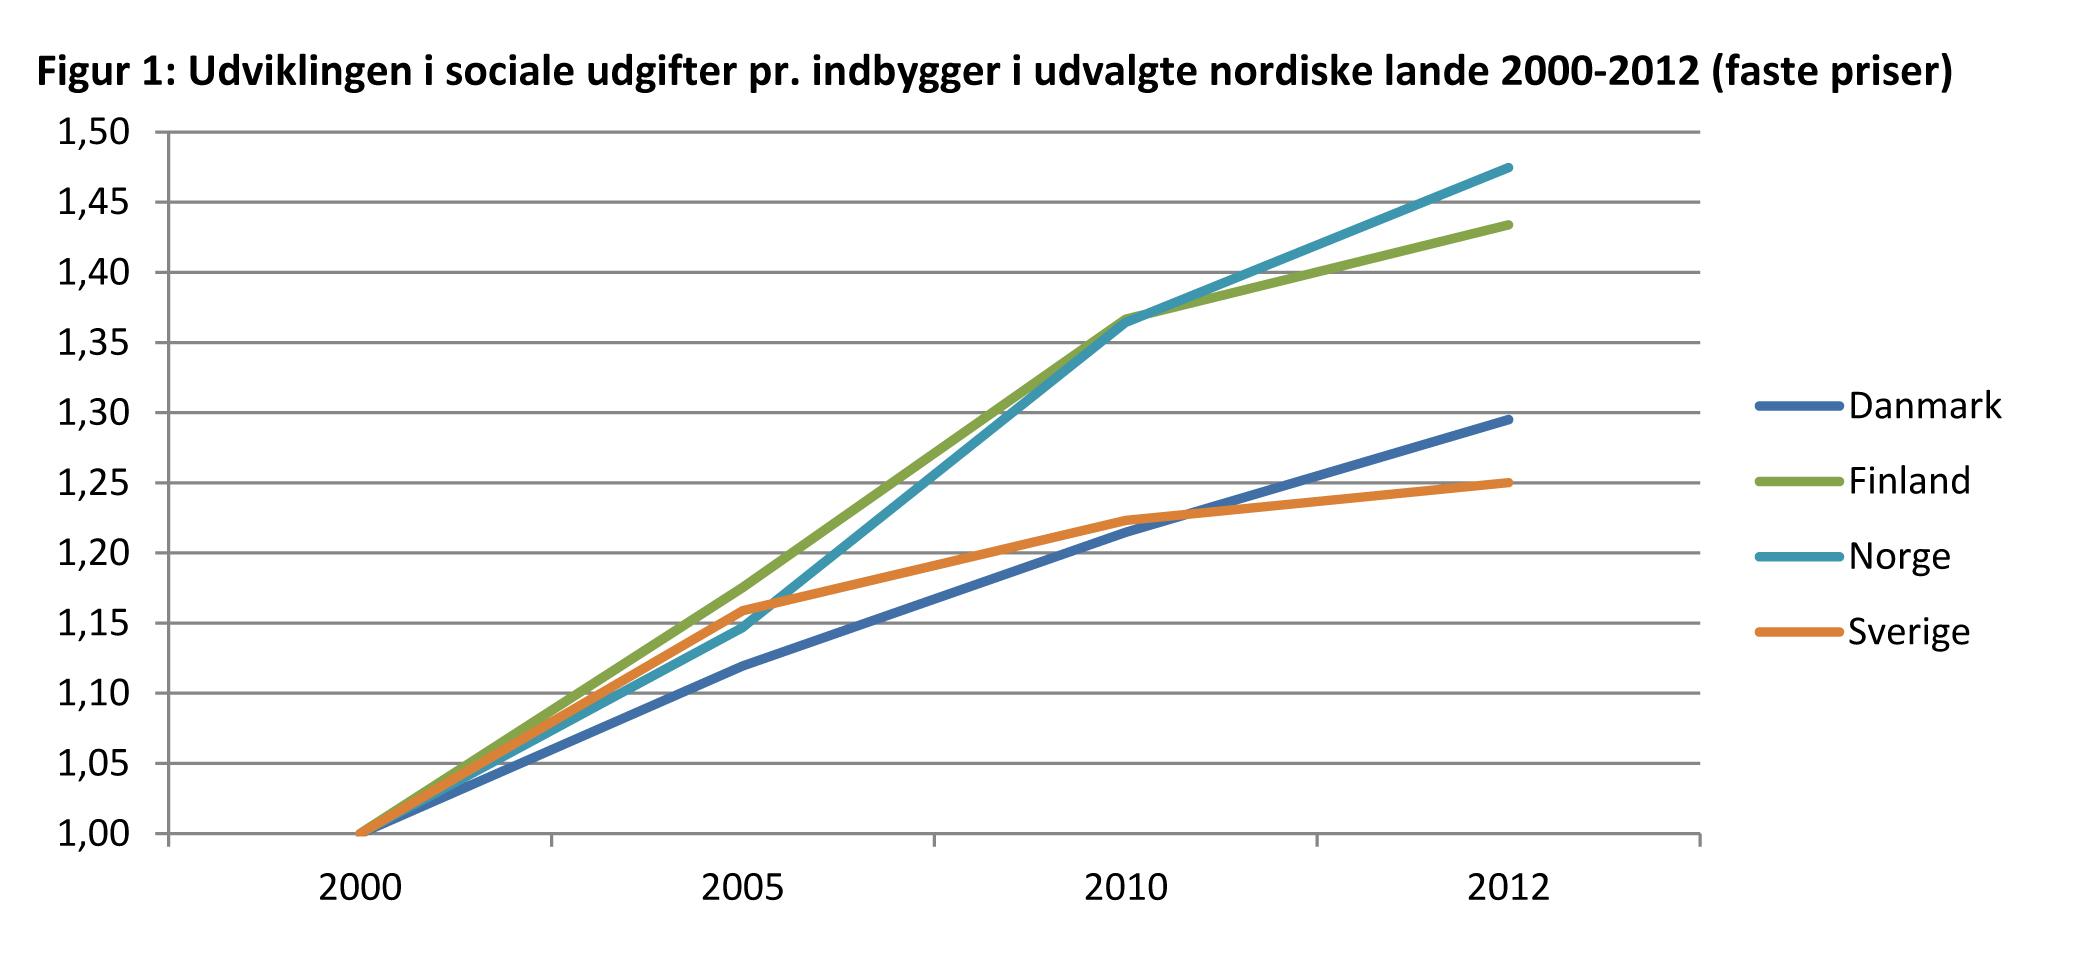 Sociale udgifter pr. indbygger 2000-2012